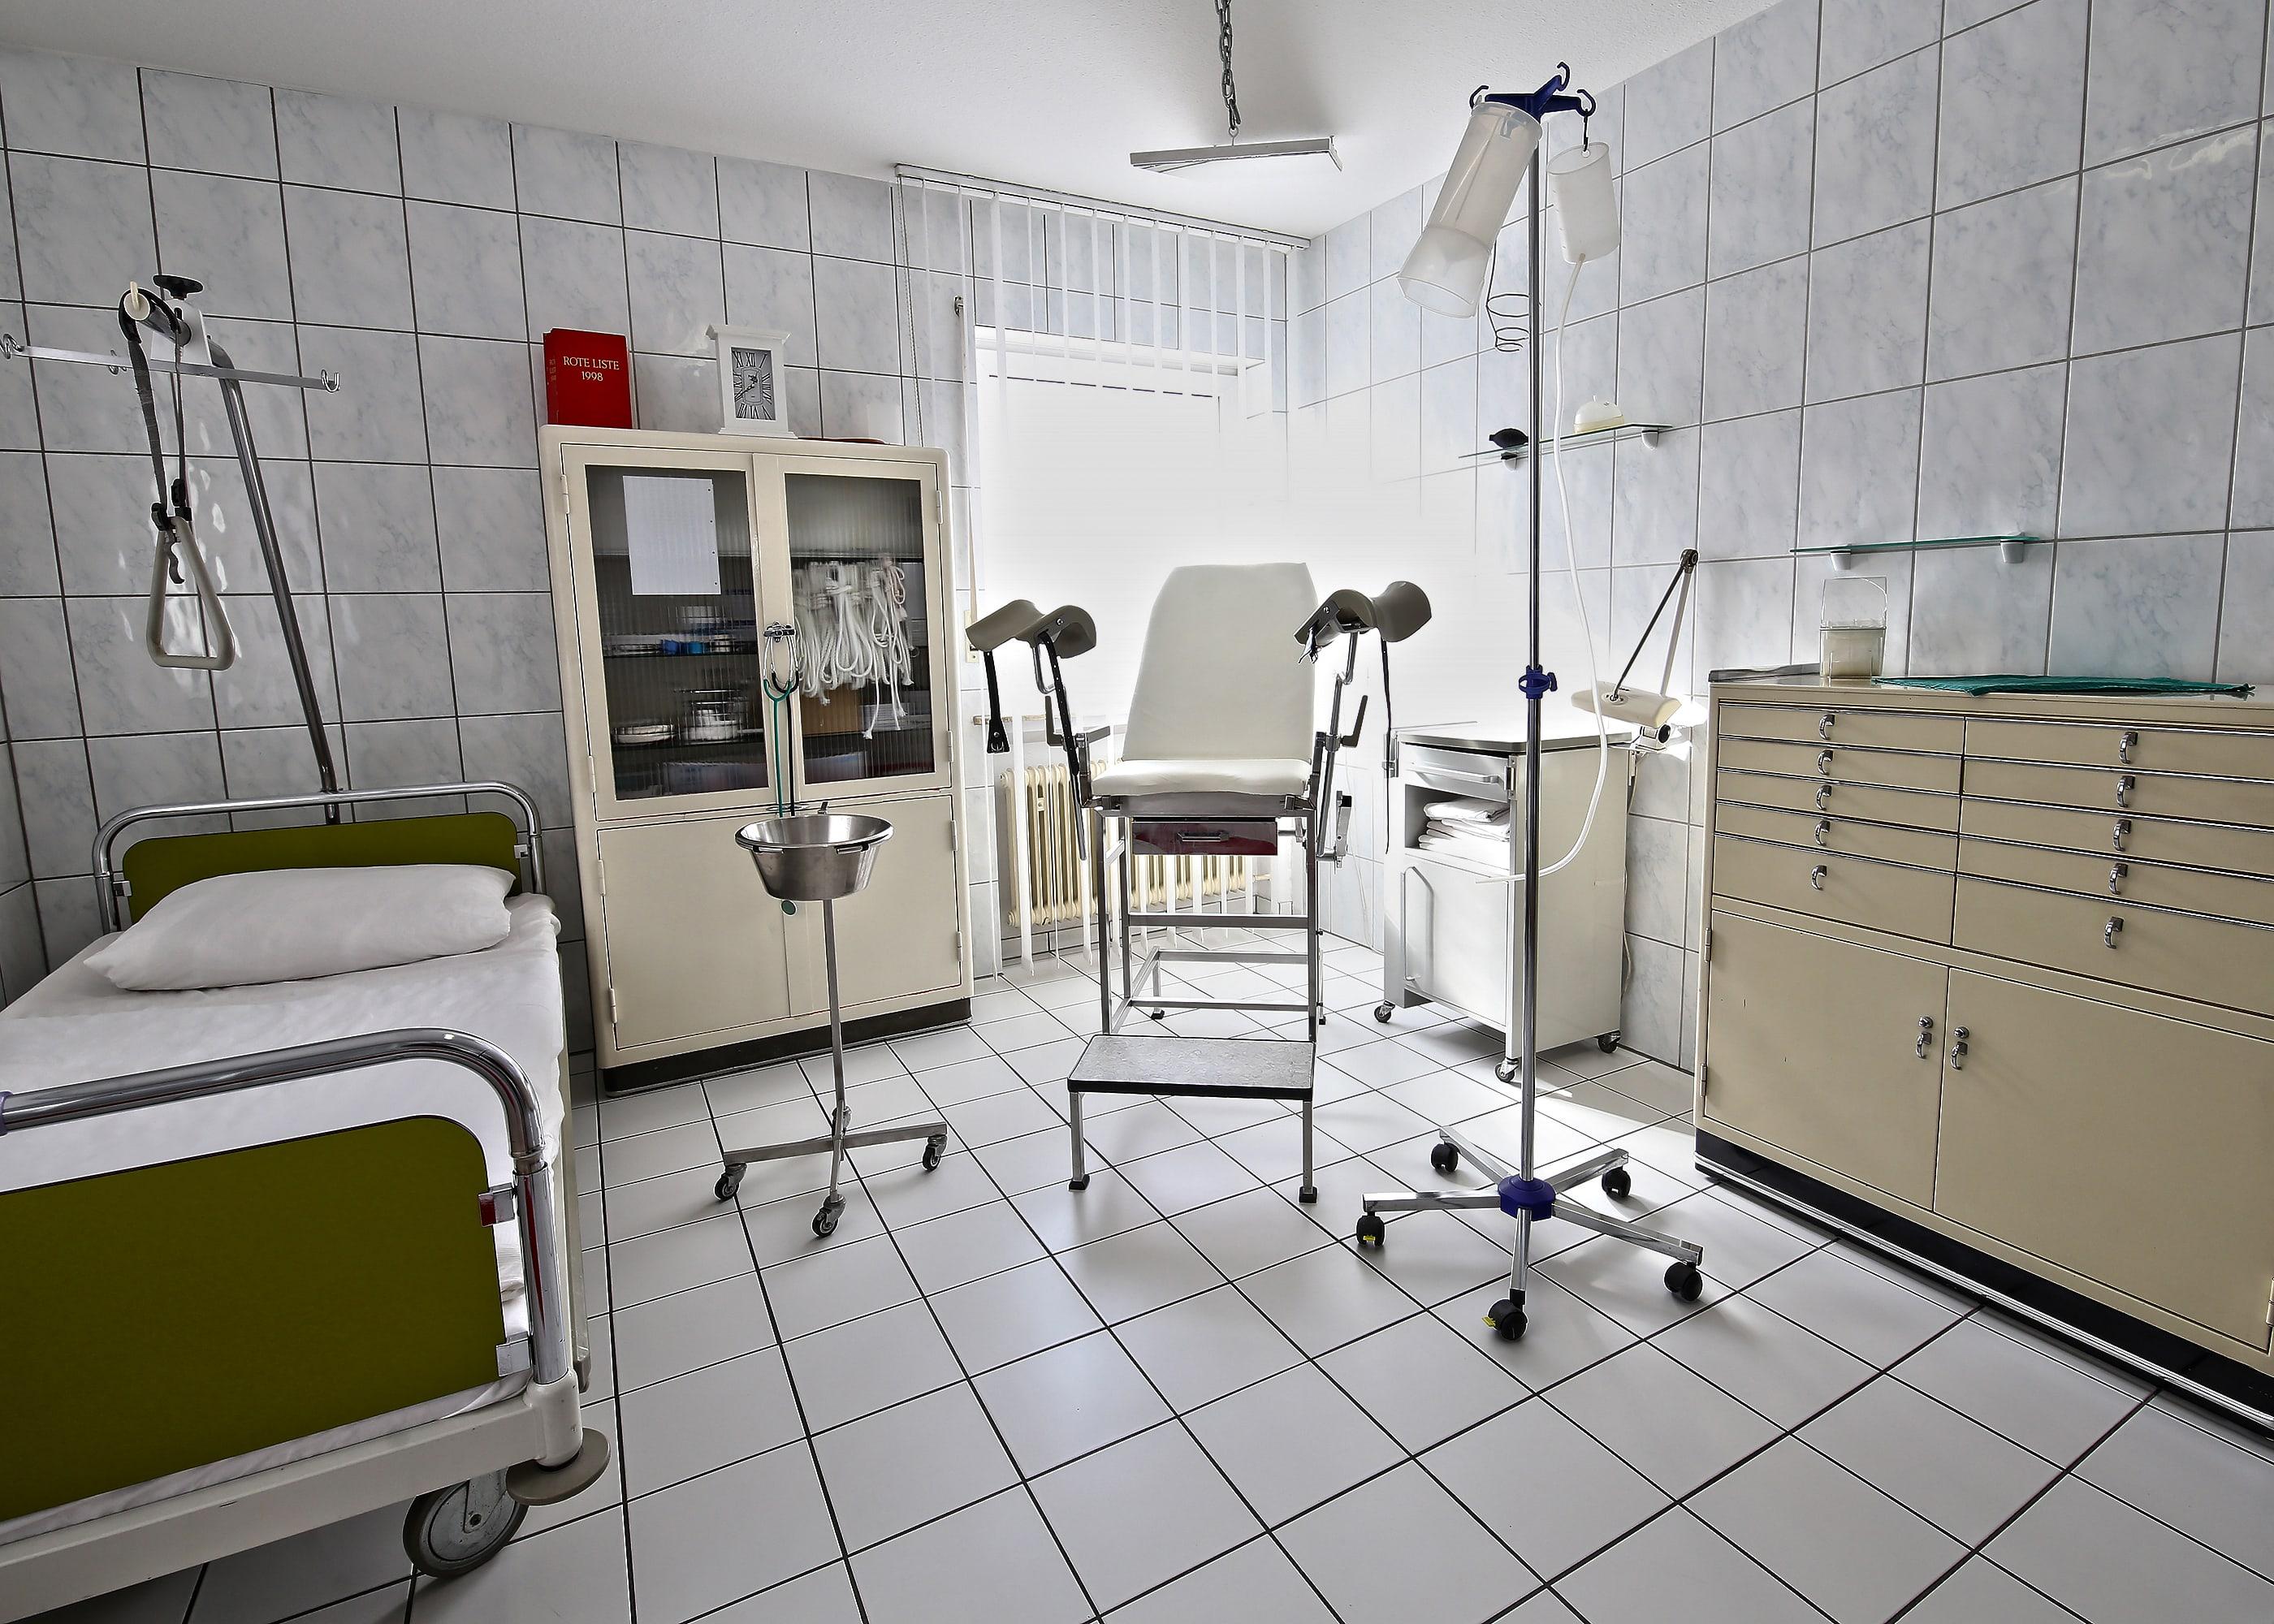 Untersuchungszimmer(DieKlinik)-min